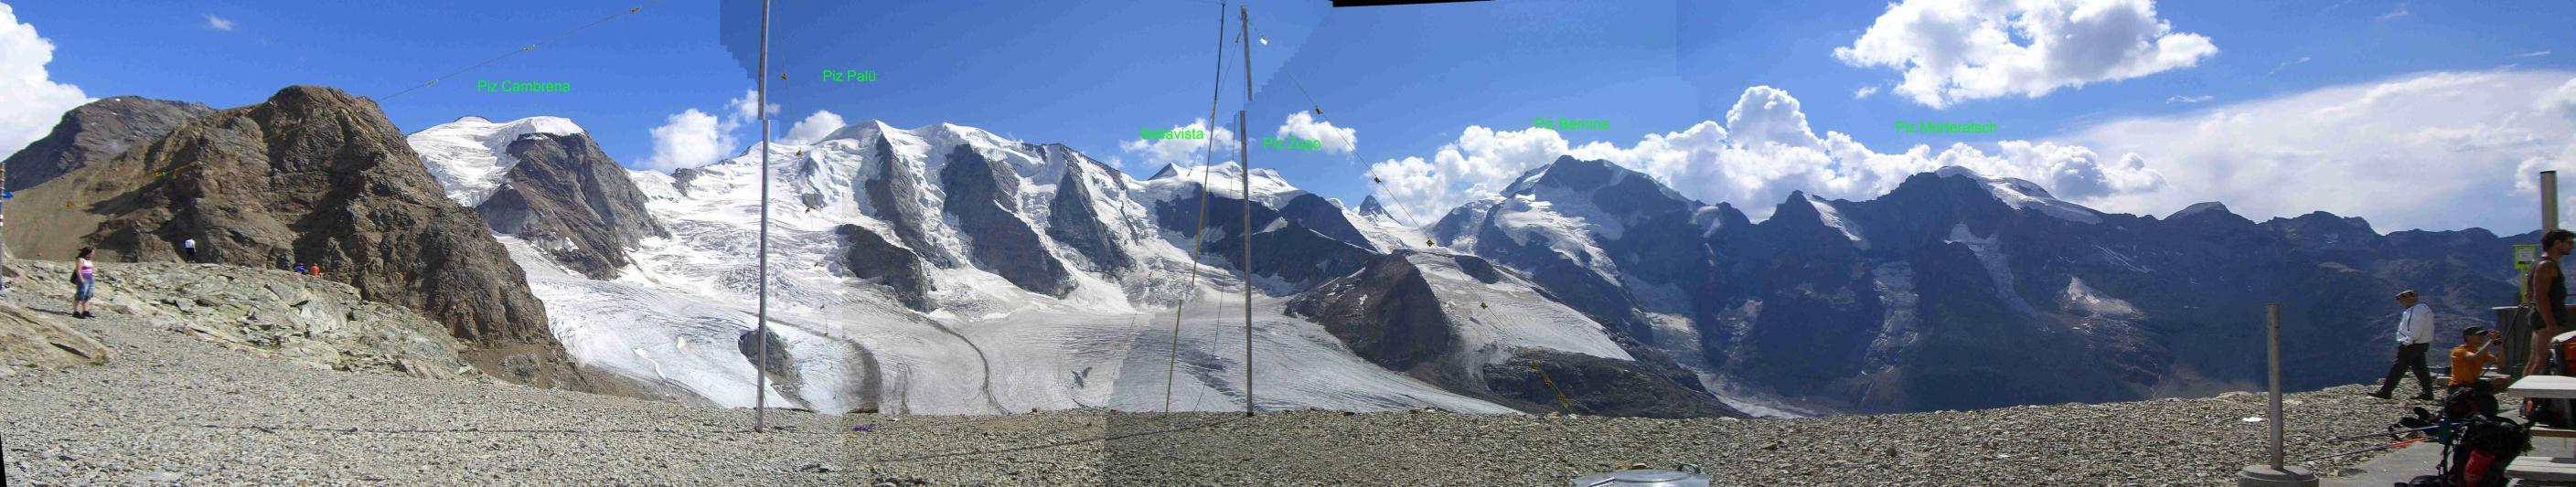 panorama_beschr.jpg